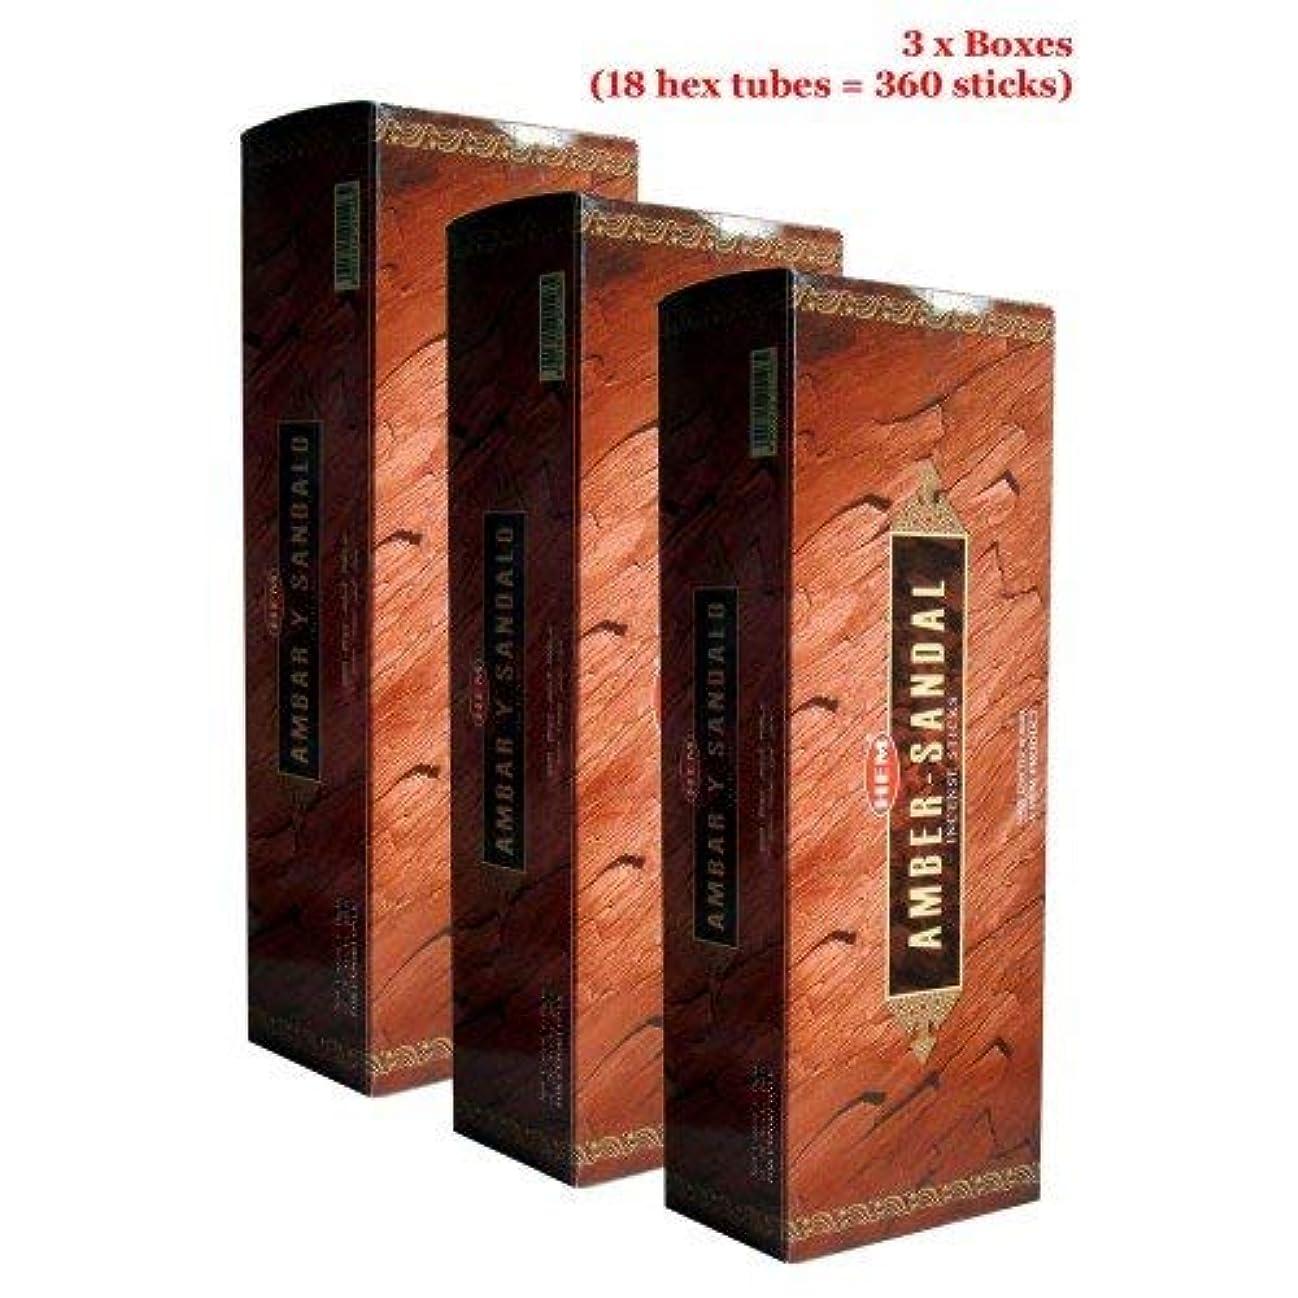 完全に乾くアボート攻撃的Hem Amber Y Sandalo Incense、3ボックス – (360 Sticksバルクper order)